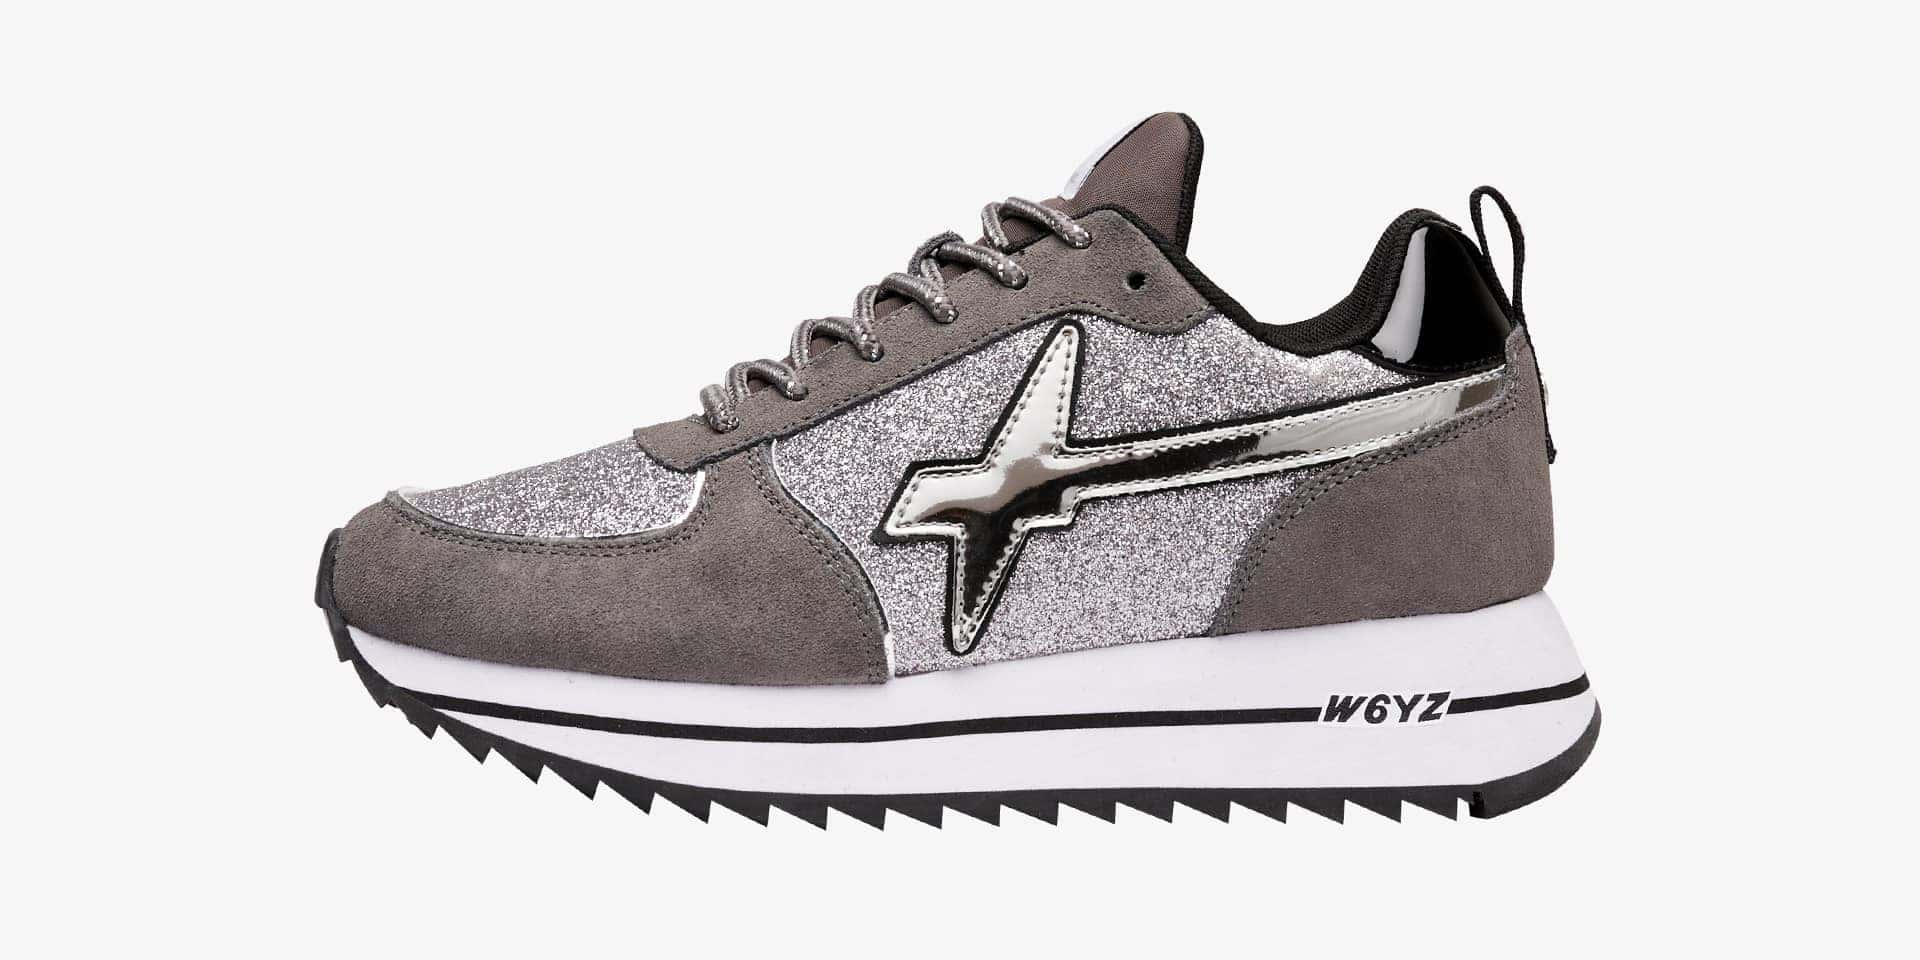 HER-W. - Sneaker in suede e glitter - Grigio